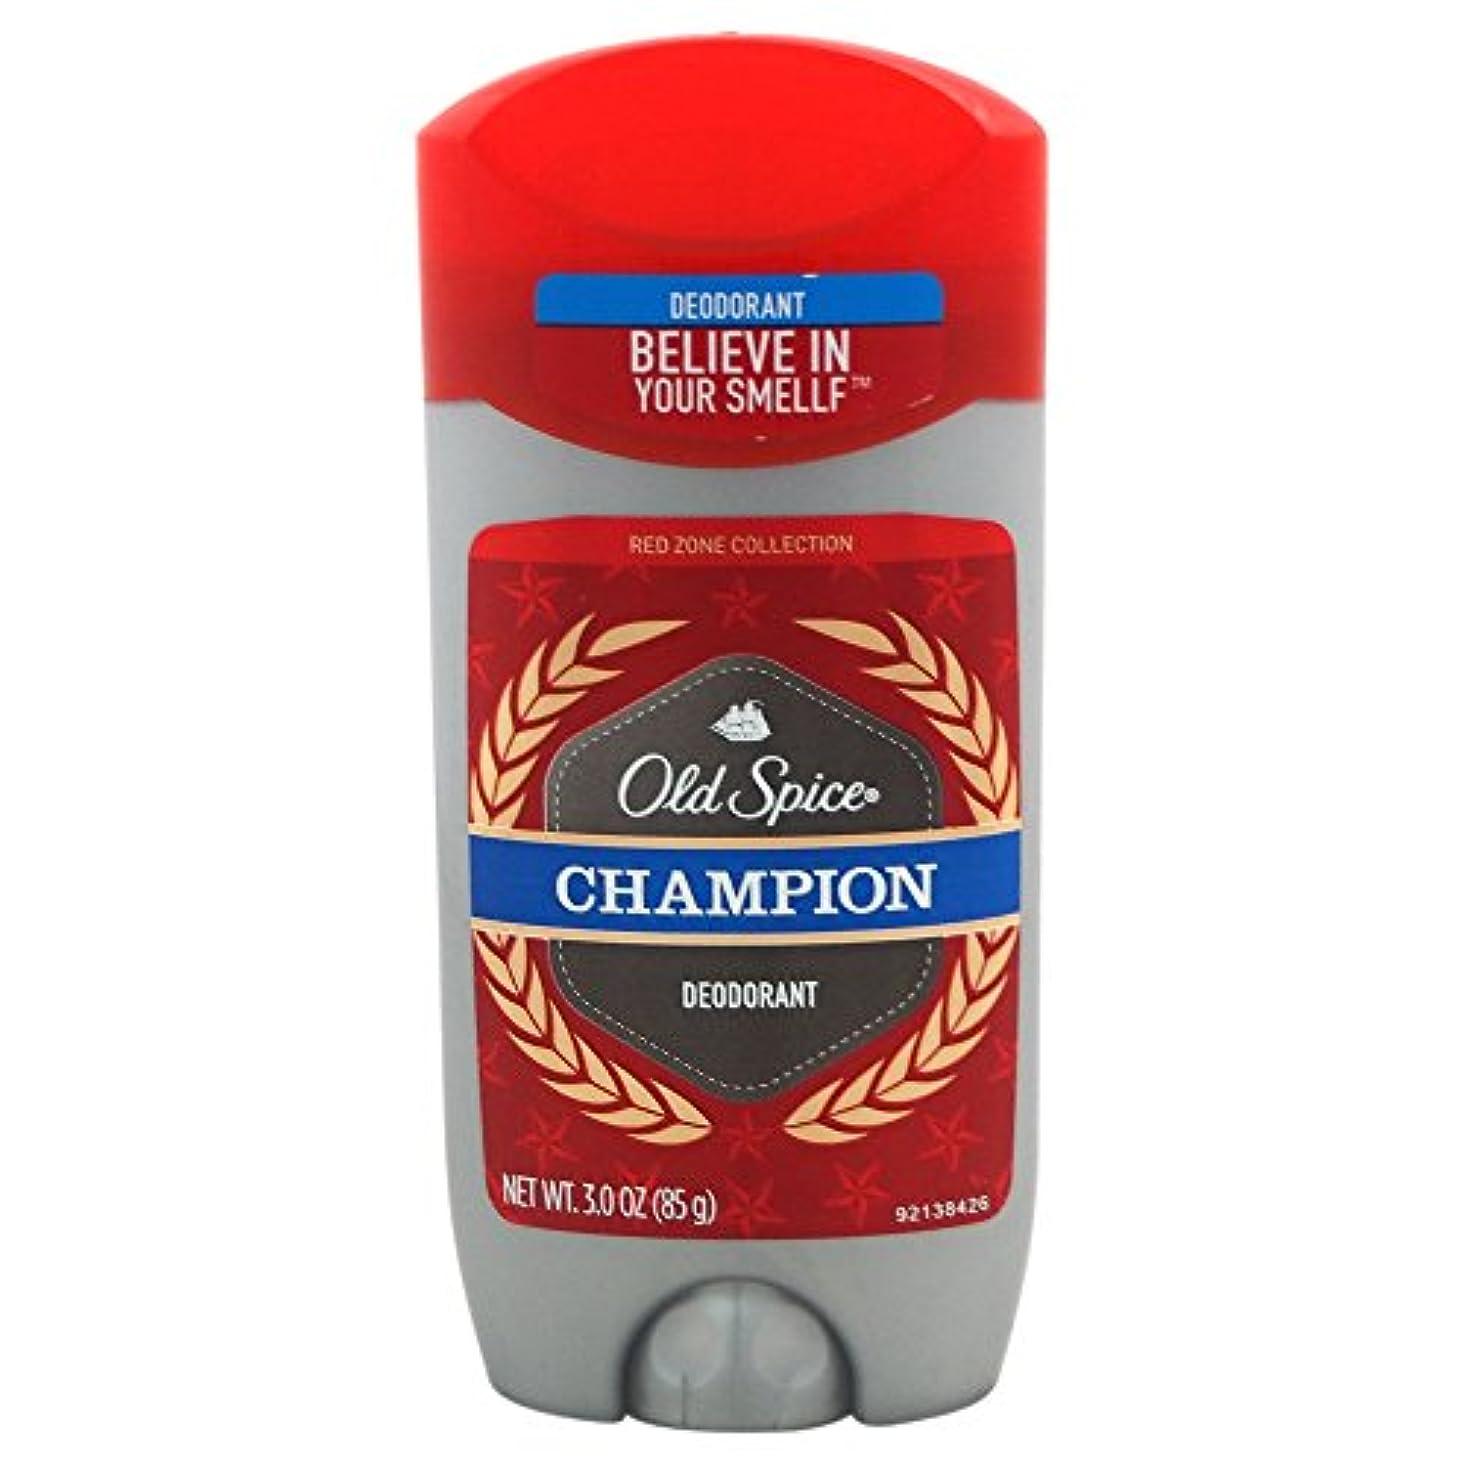 負請負業者不安定オールドスパイス(Old Spice) Deodorant デオドラント Red zone CHAMPION/チャンピョン 85g[並行輸入品]